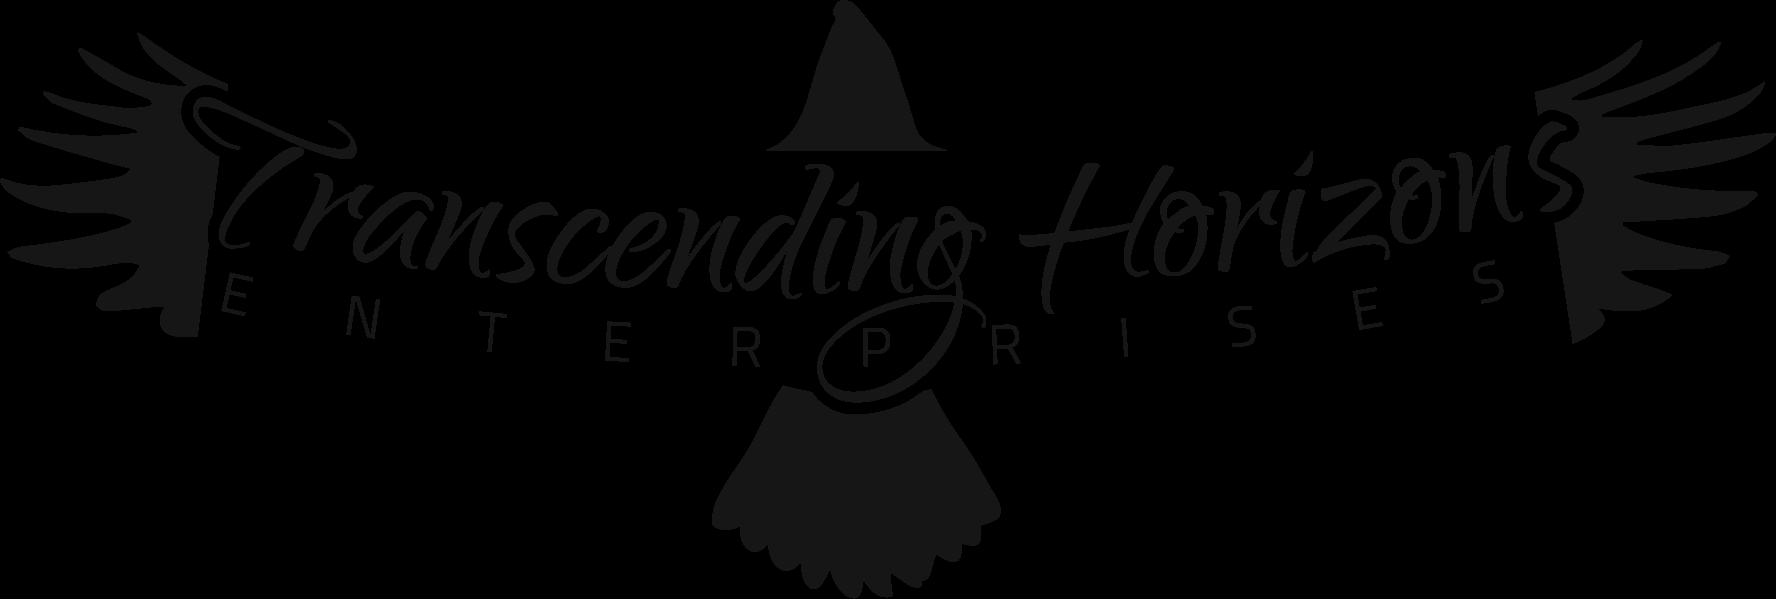 Transcending Horizons Enterprises